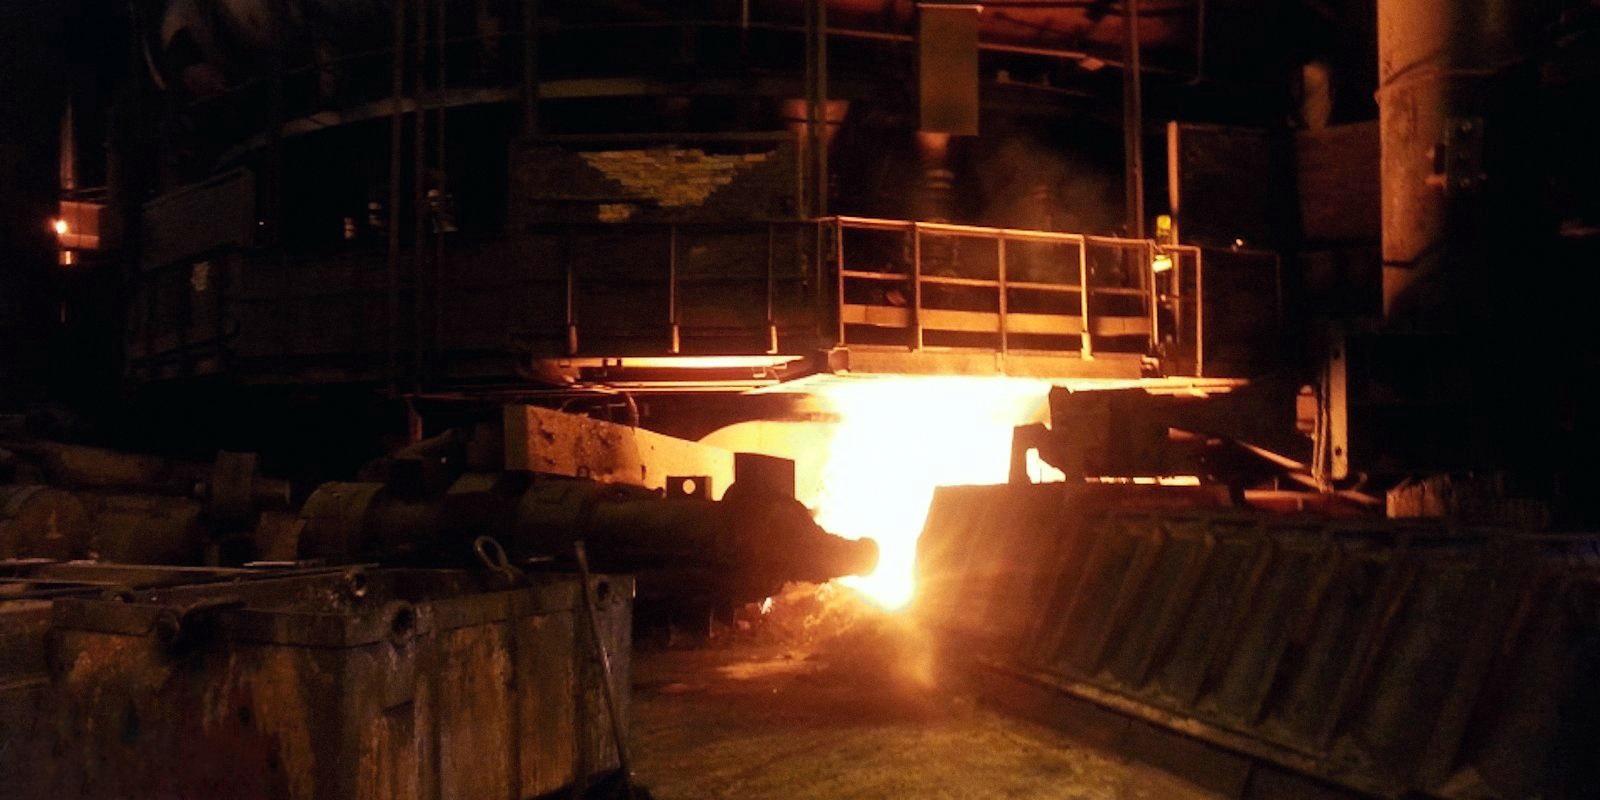 00 dnr donetsk pr steel mill 051015